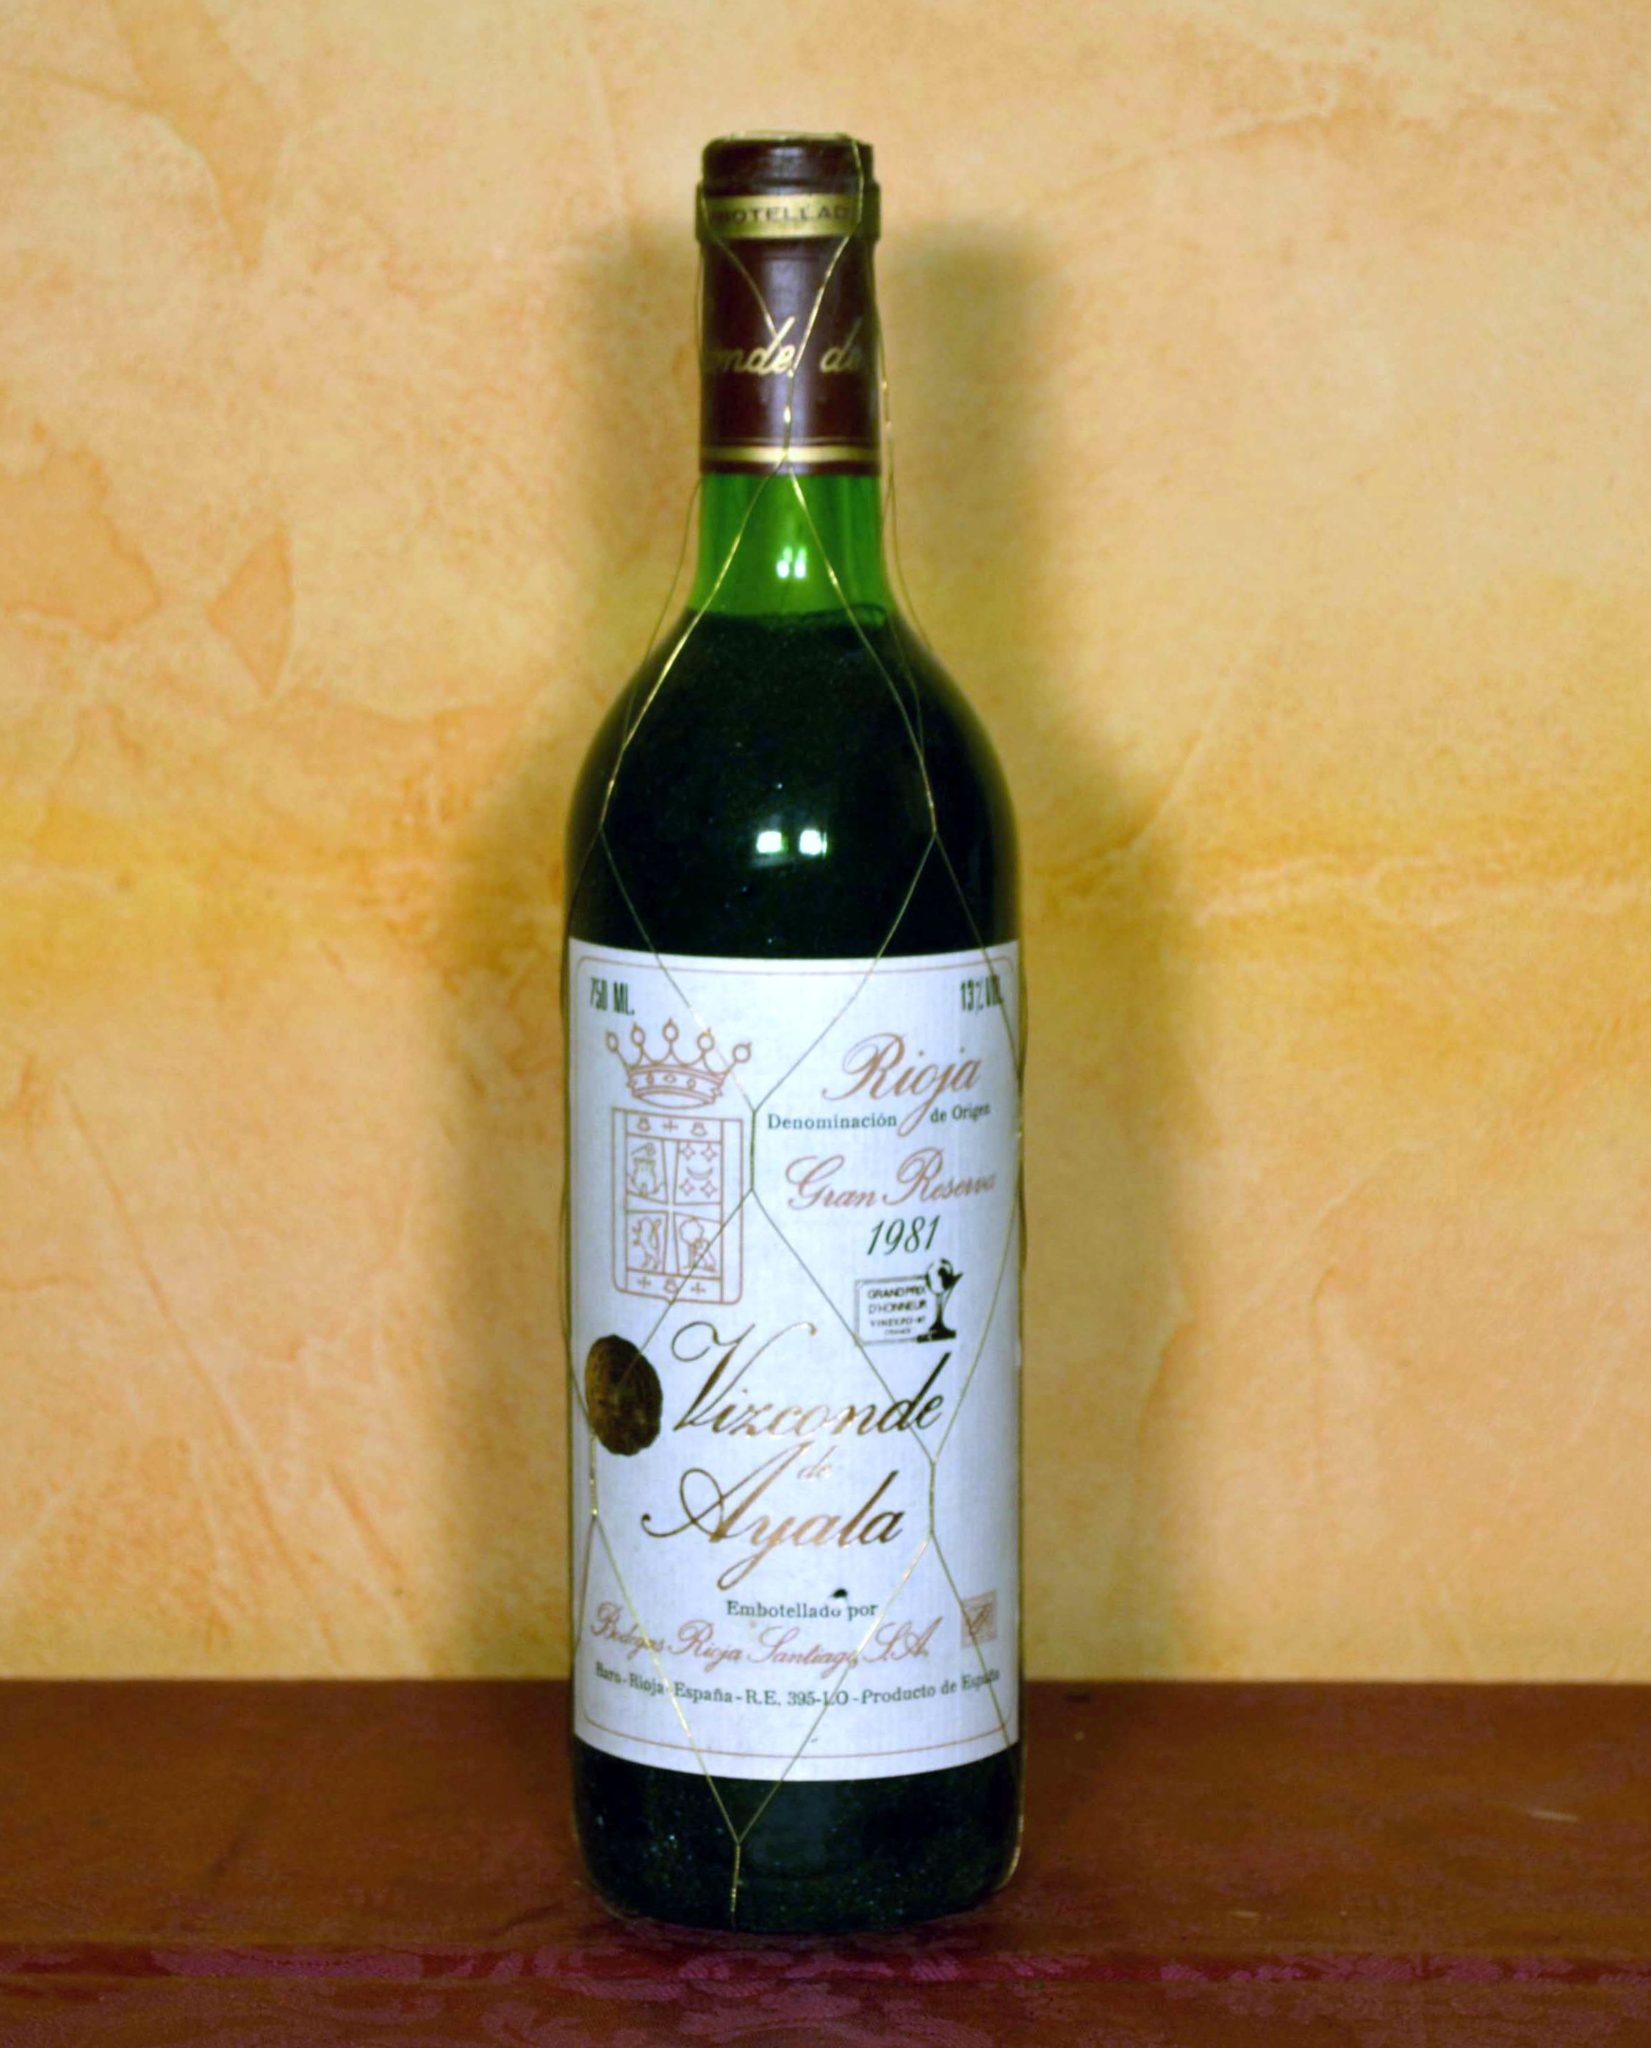 Viscount of Ayala Rioja Santiago Gran Reserva 1981